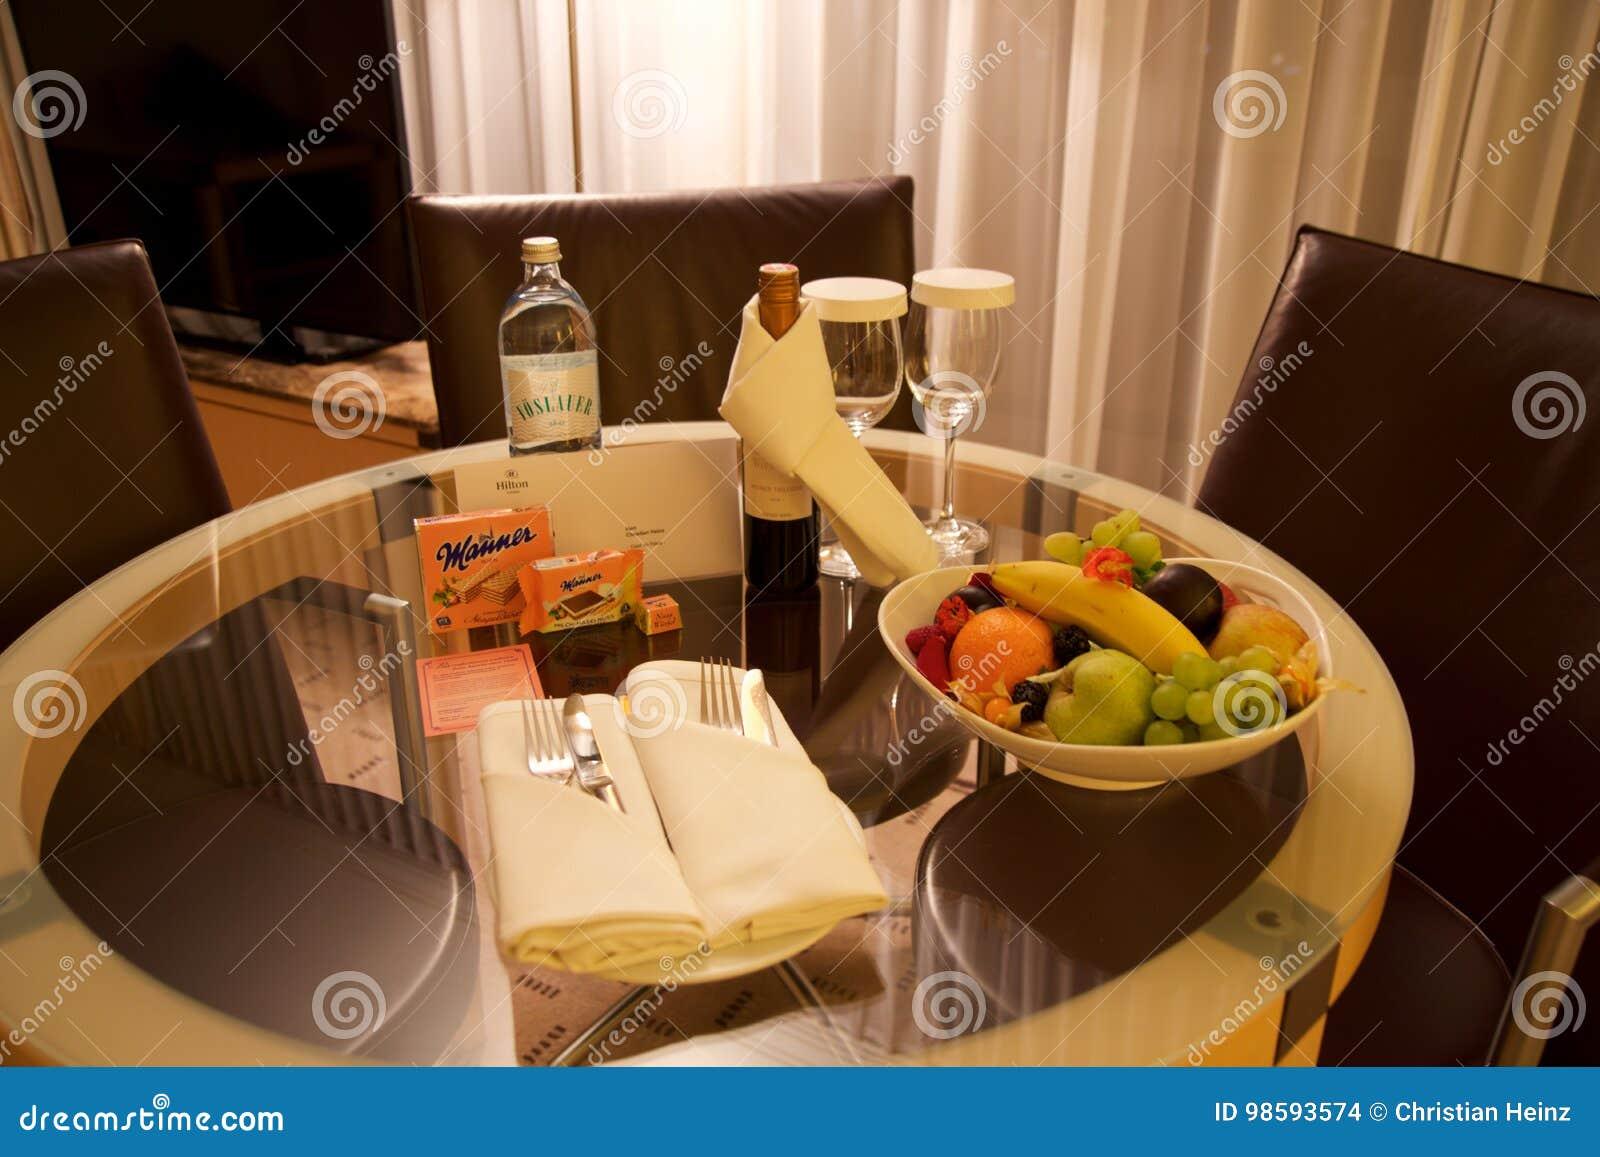 VIENA, AUSTRIA - 28 de abril de 2017: Tarde romántica con la botella de vino rojo, de dulces y de frutas en la habitación de lujo